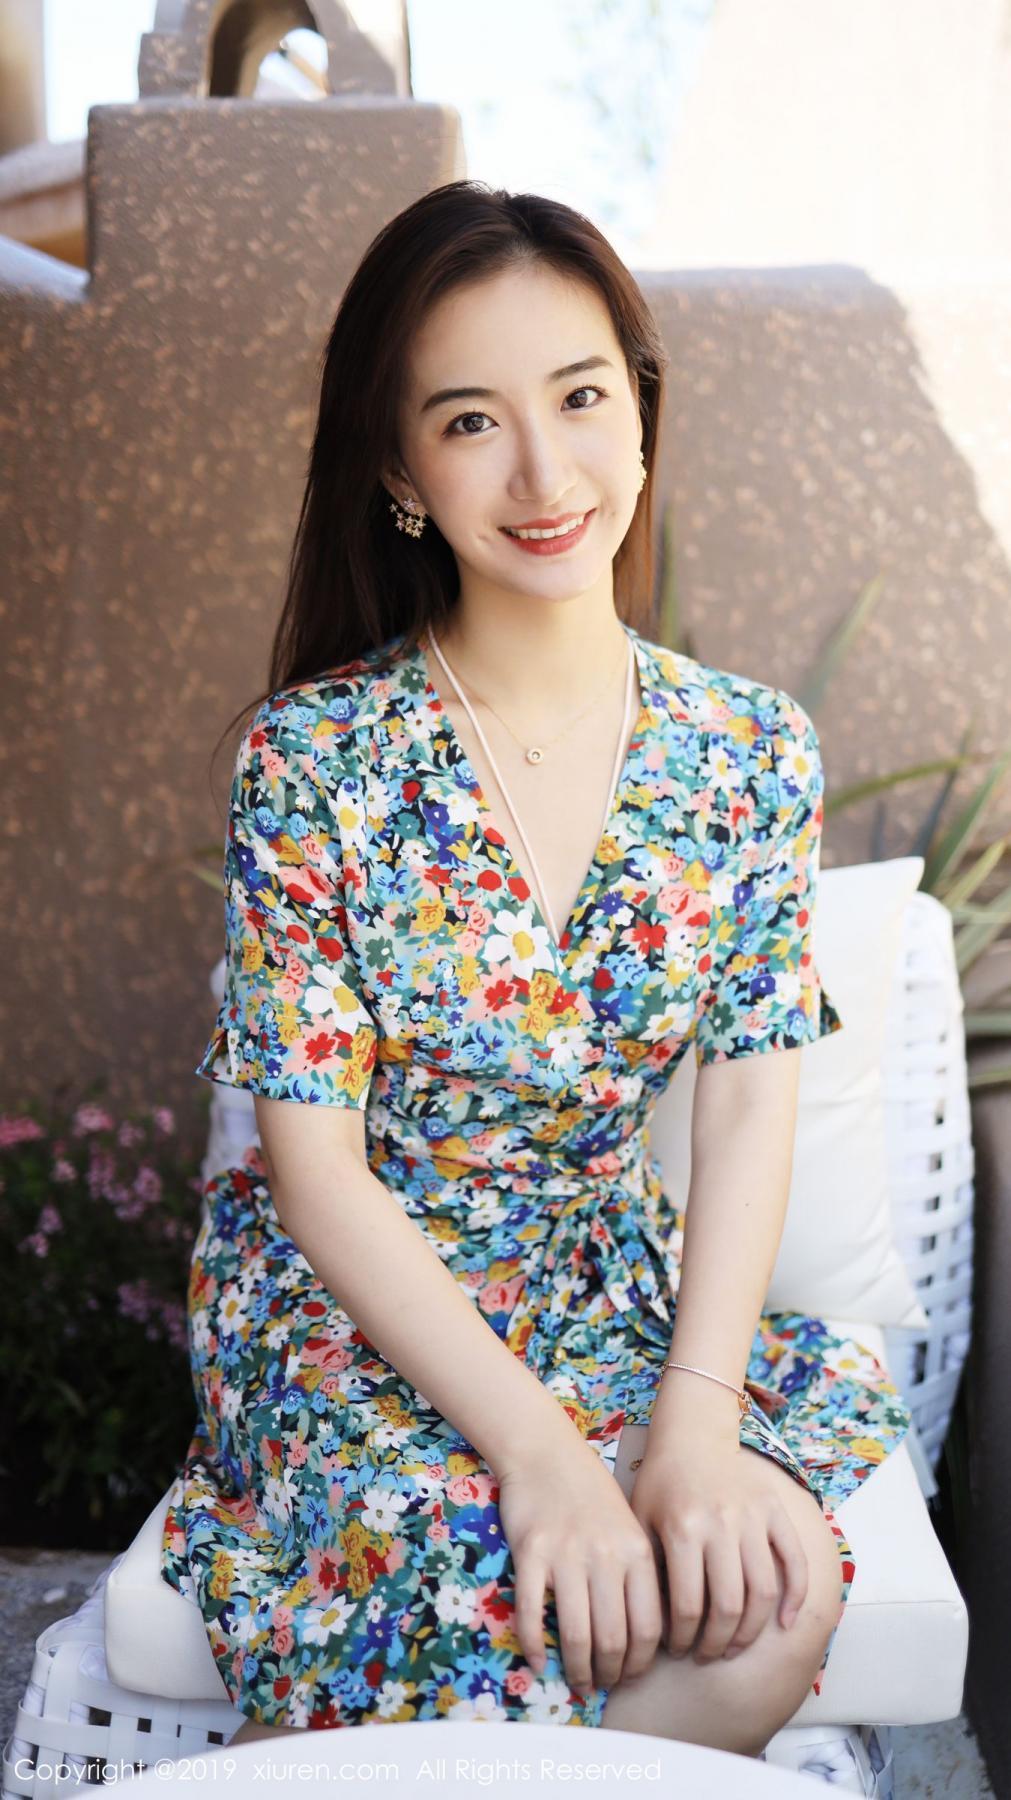 [XiuRen] Vol.1641 Gong Tian Yi 6P, Gong Tian Yi, Pretty, Temperament, Xiuren